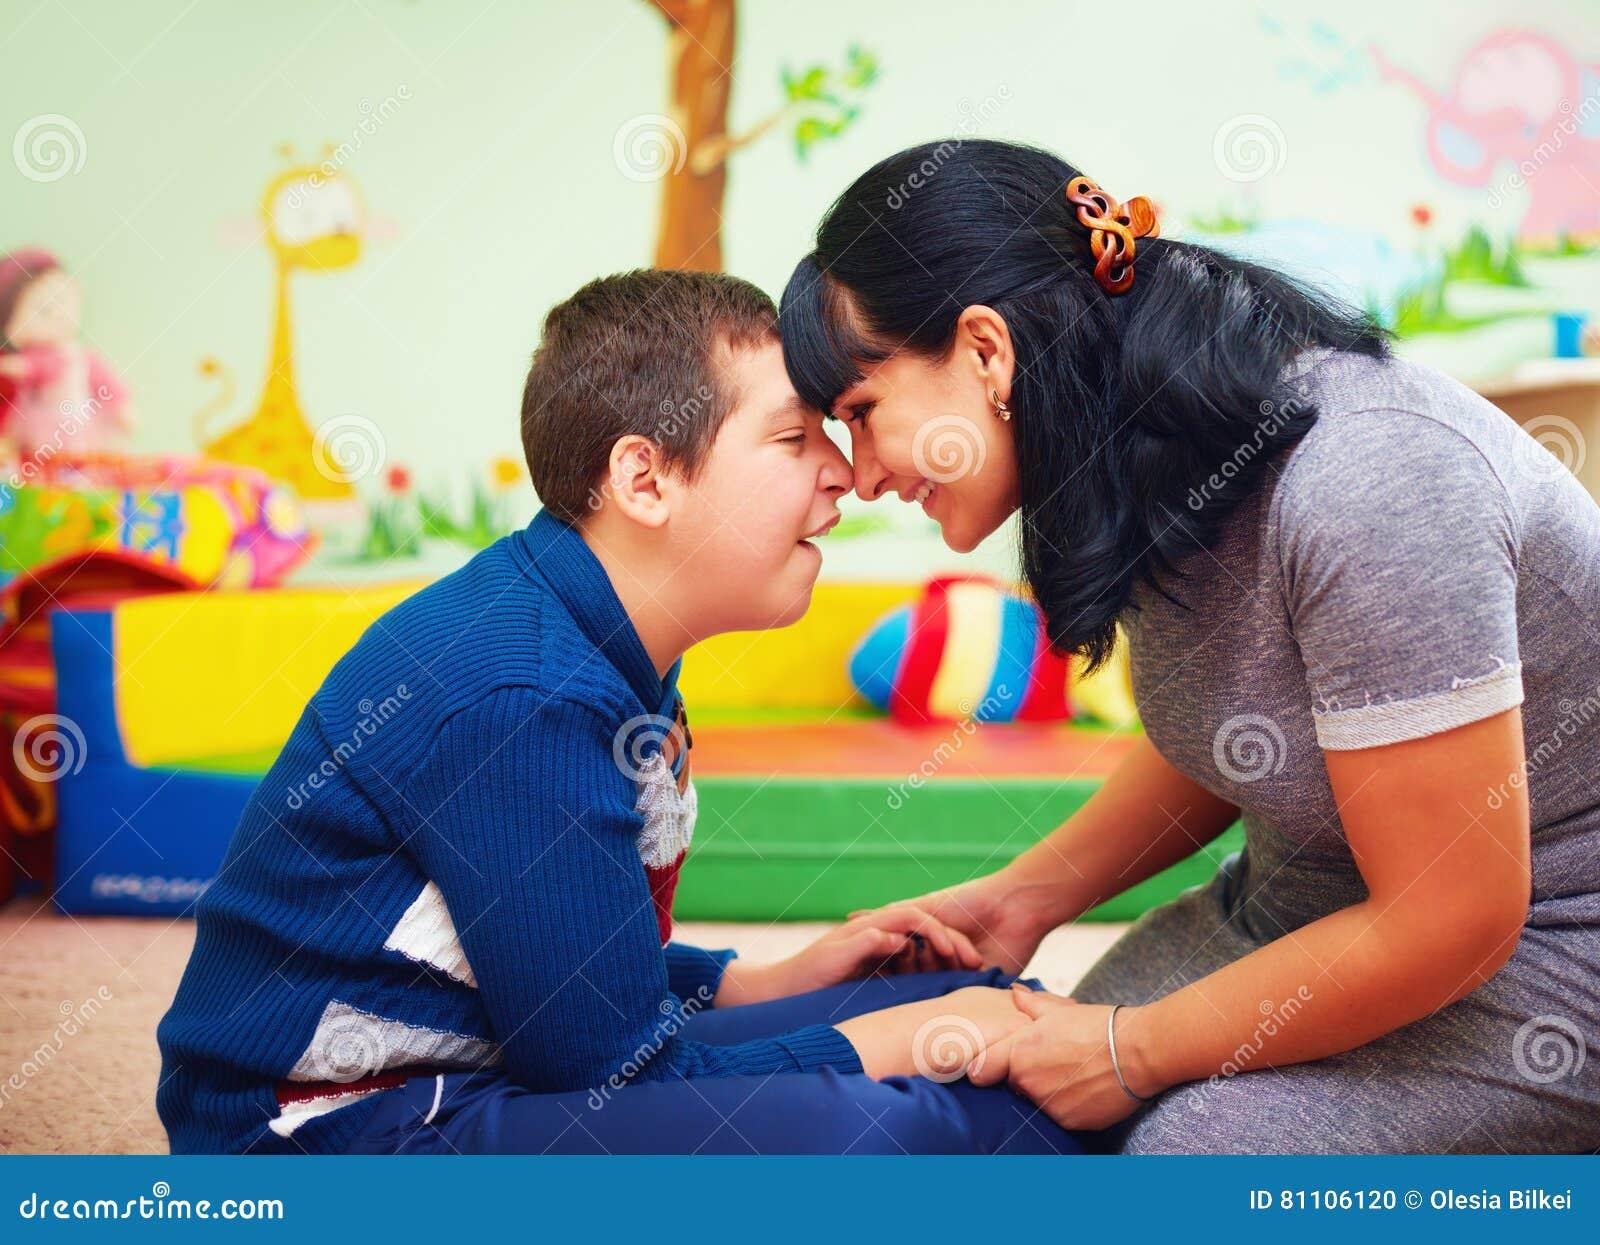 Gevoelvol ogenblik portret van moeder en haar geliefde zoon met handicap in revalidatiecentrum